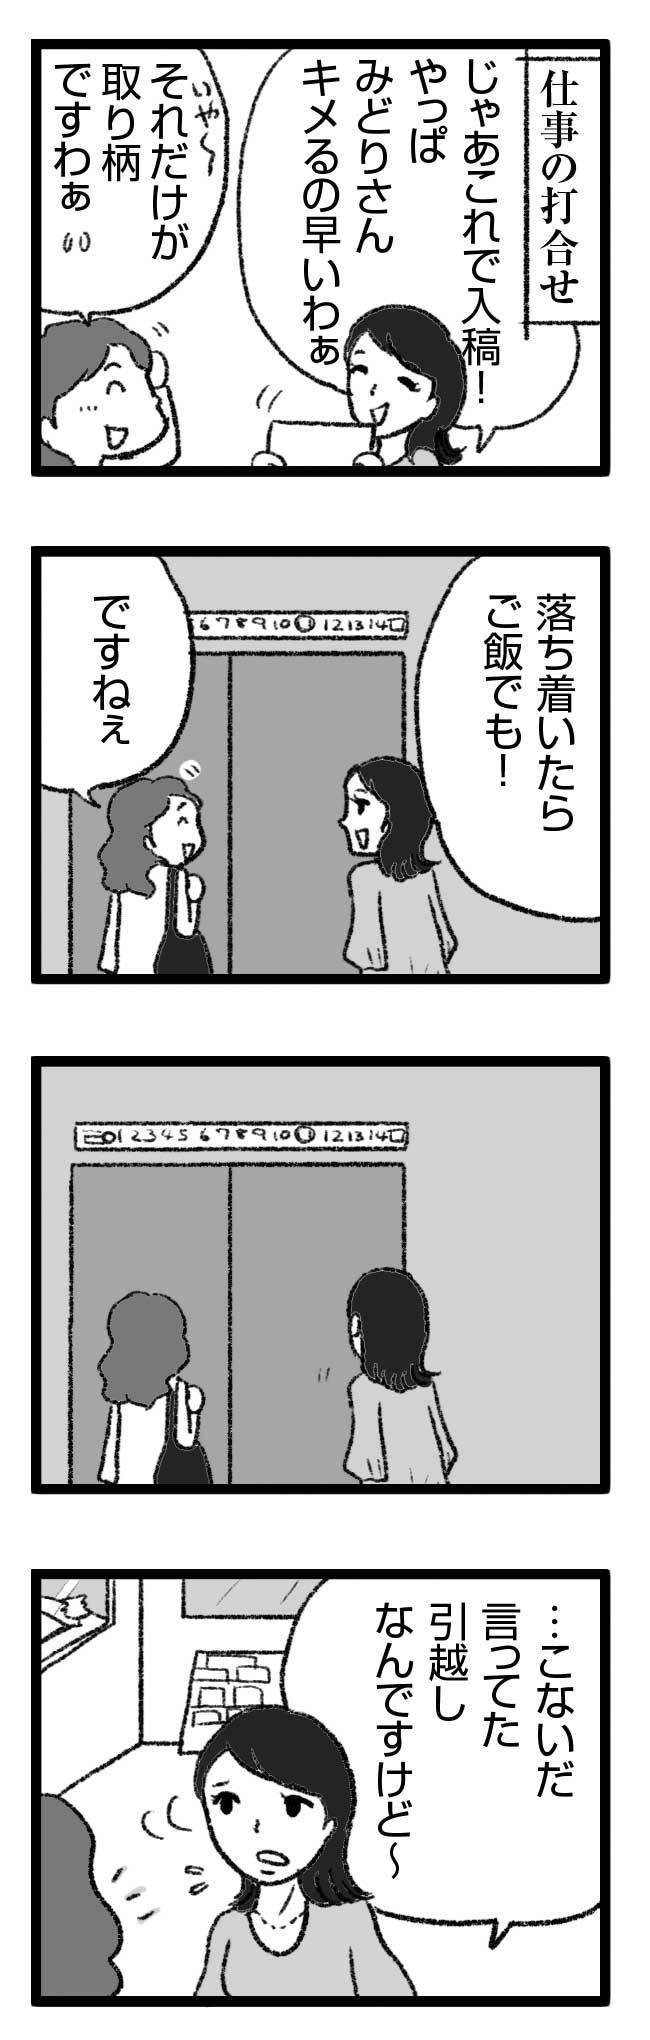 お互い要求?1 結婚 謎 意見 コミニュケーション レス sex 漫画 マンガ まんが レス セックスレス スキンシップ